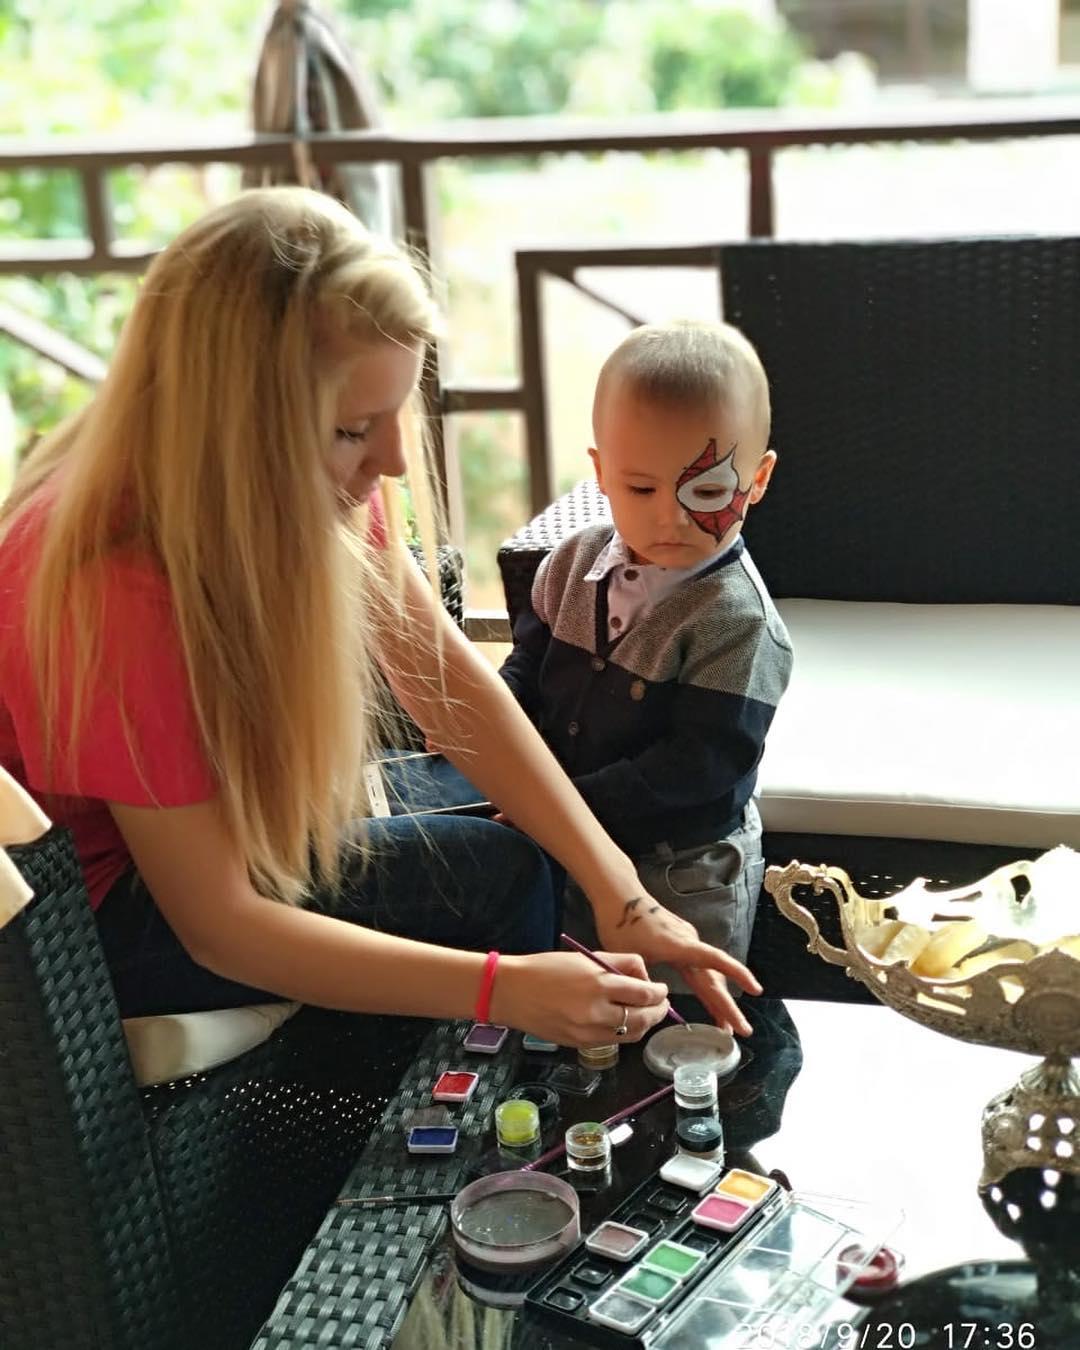 Какими качествами должен обладать организатор детских праздников? Детские праздники